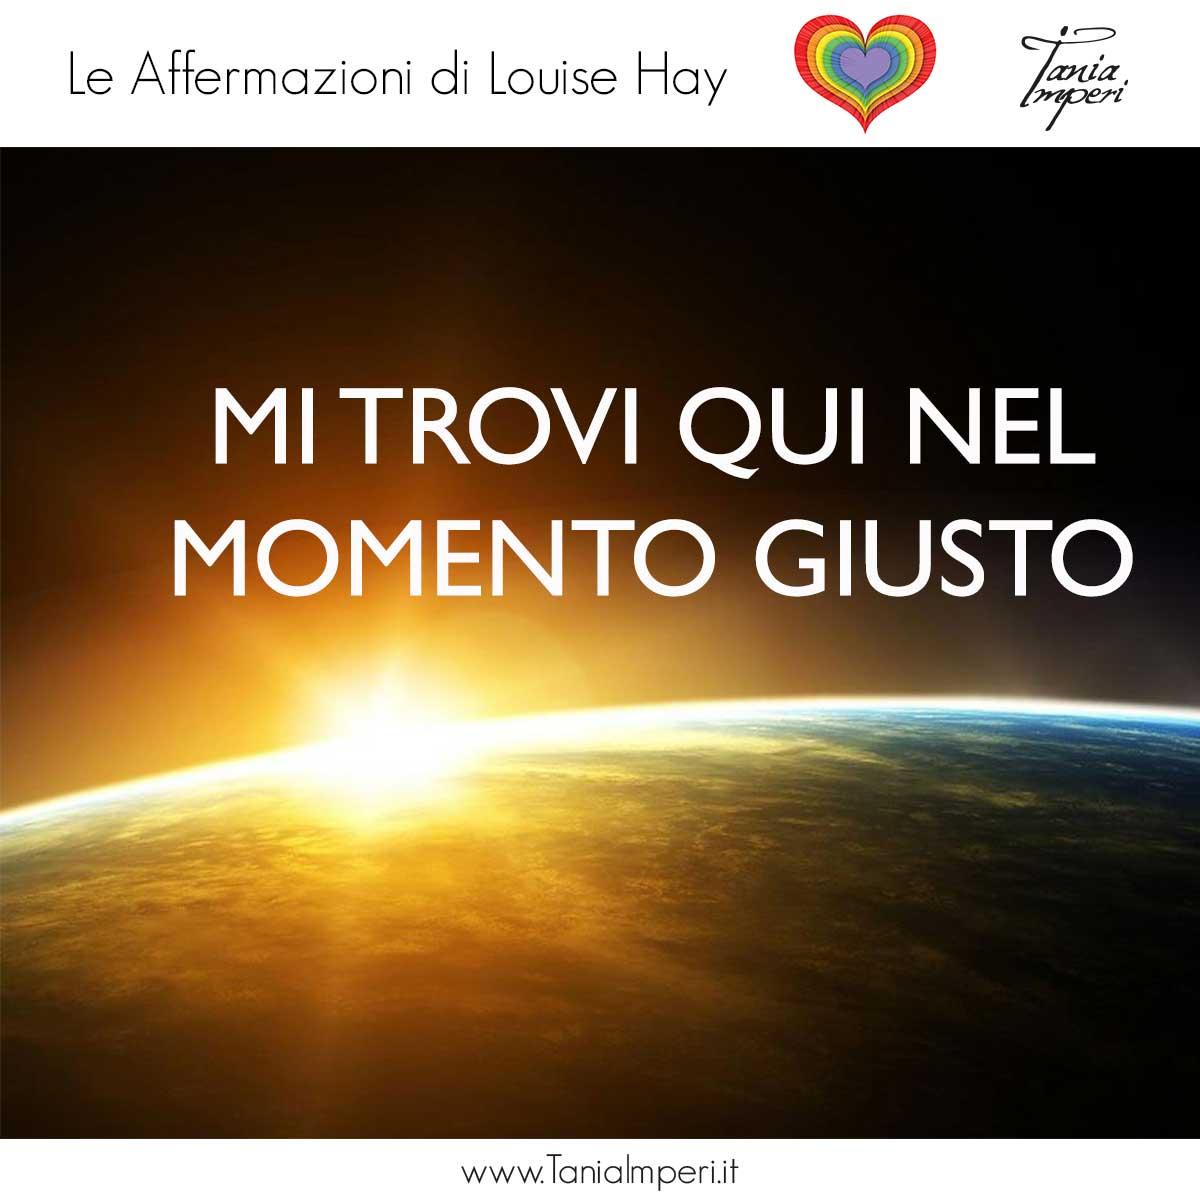 AFFERMAZIONI_LOUISE_HAY_TANIA_IMPERI_07_MOMENTO_GIUSTO_13FEB2017